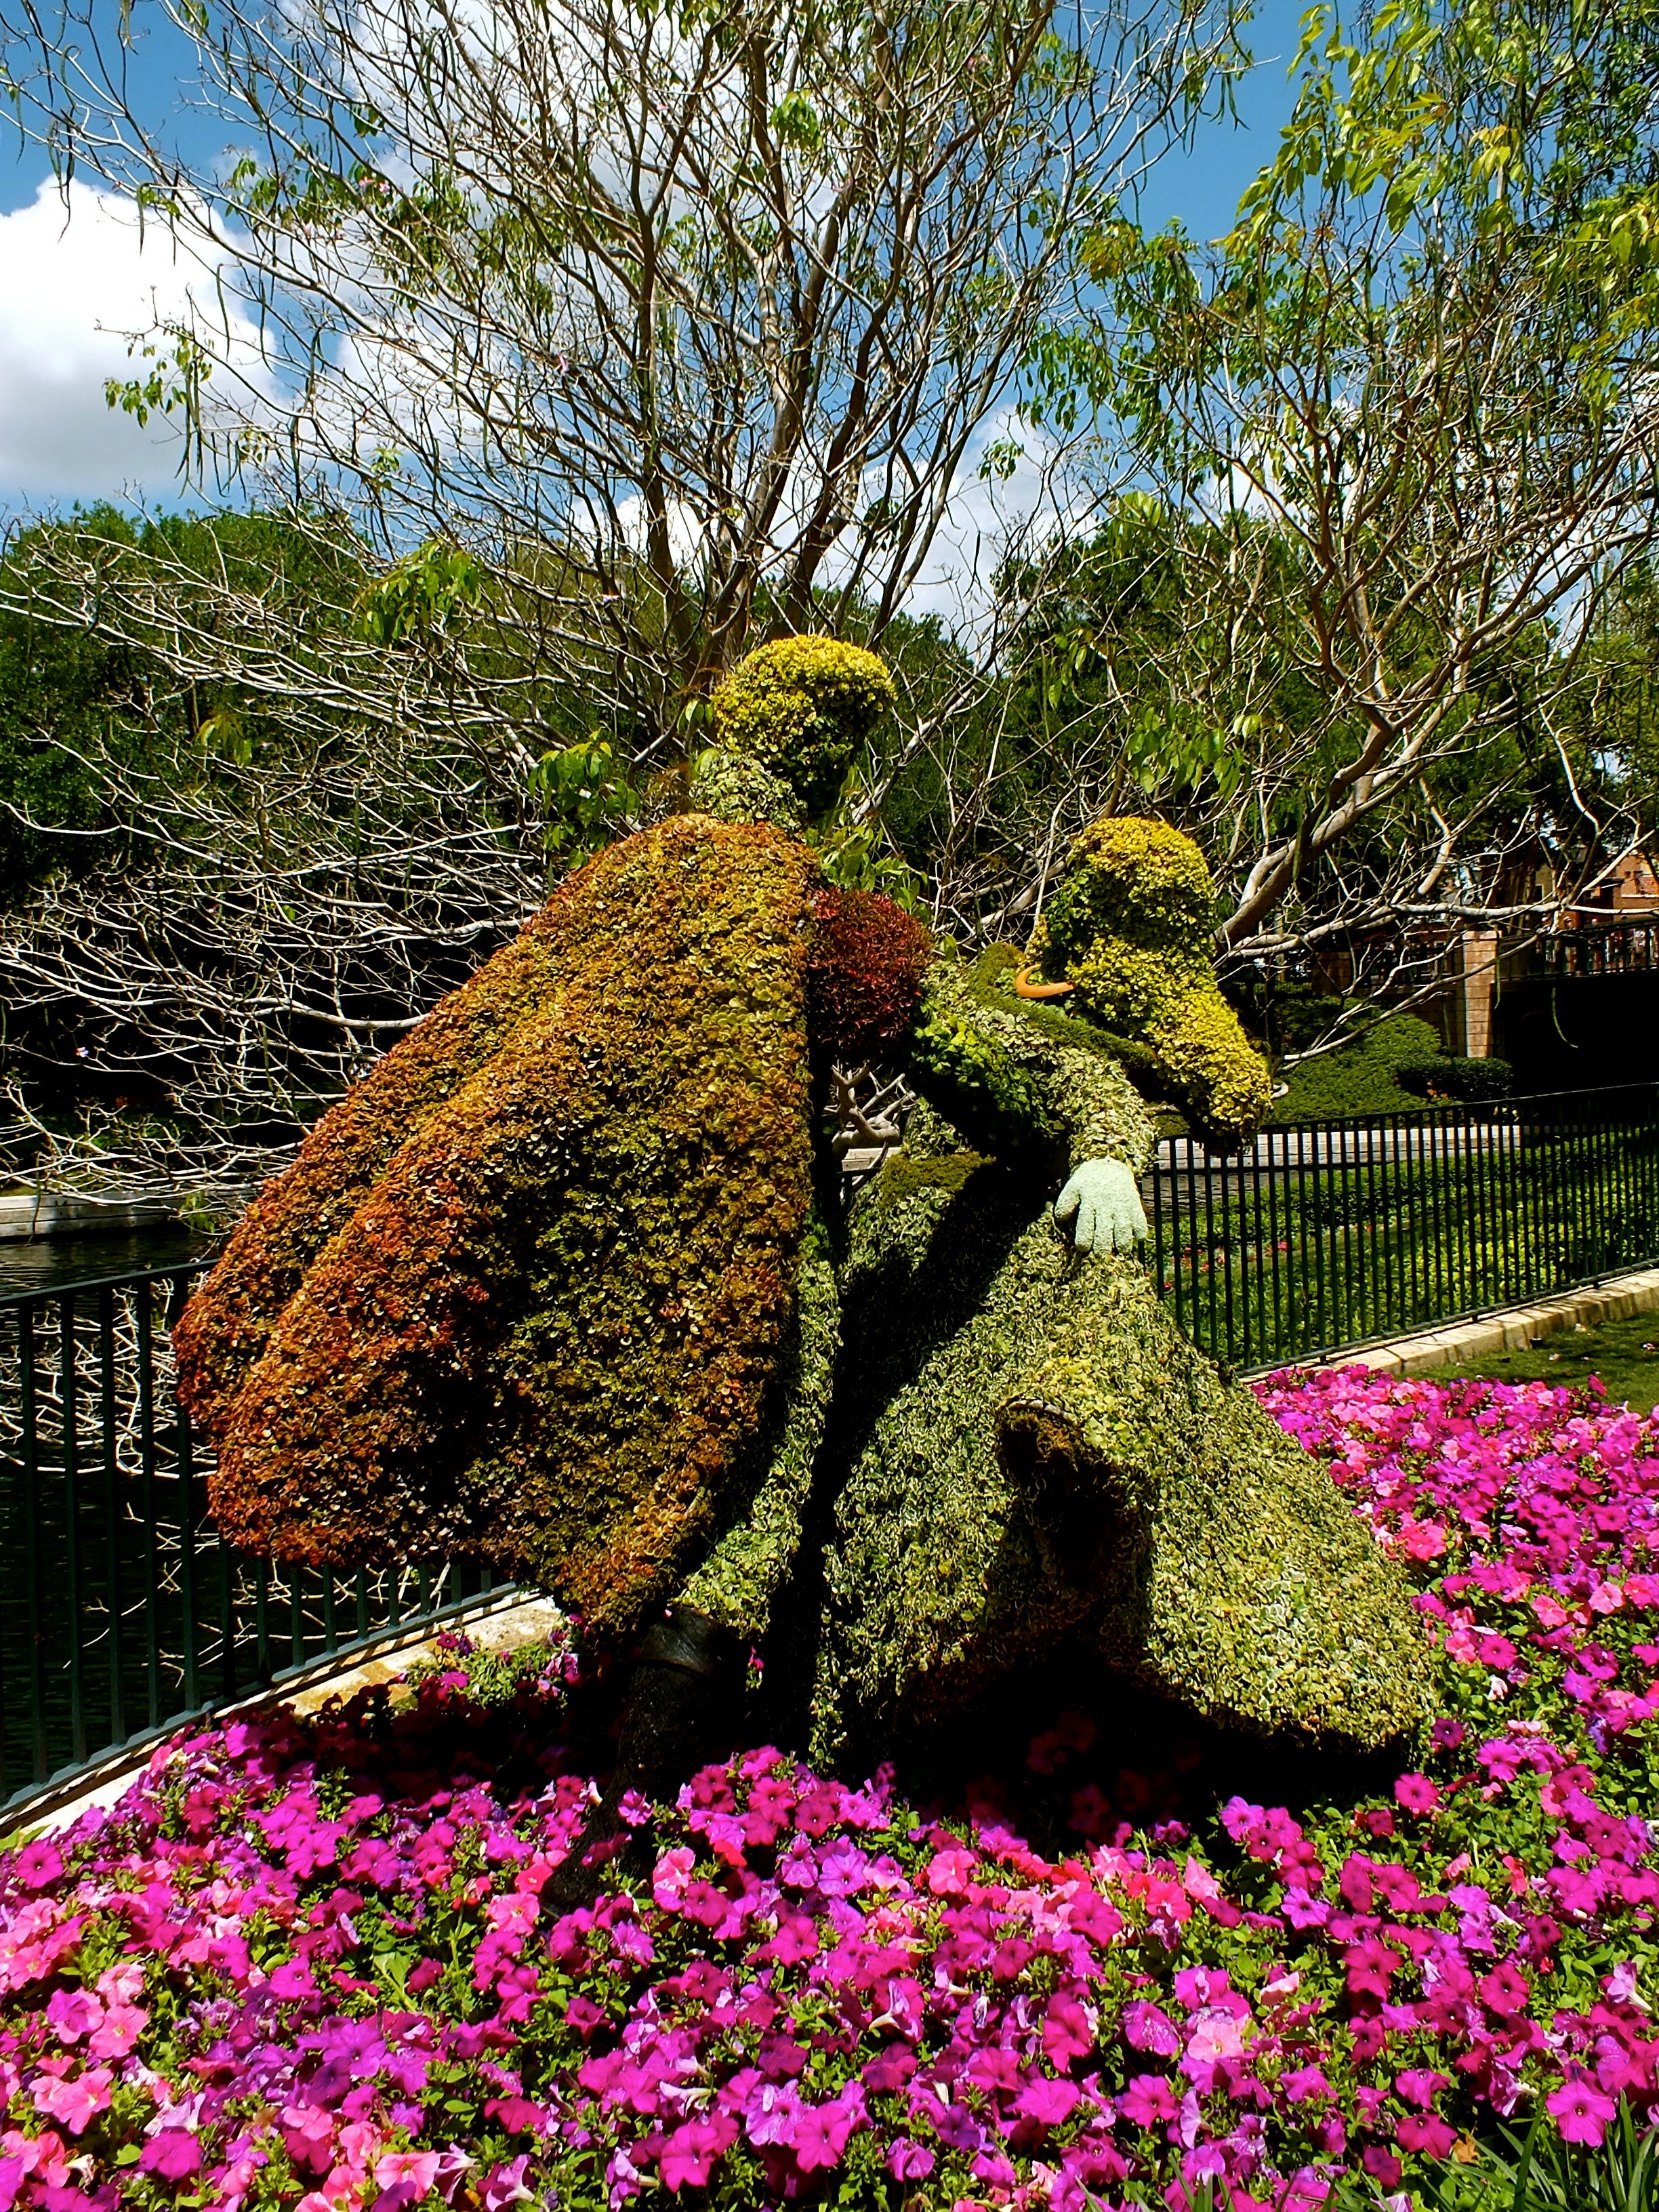 Epcot Flower & Garden Festival | Easter in Orlando 2014 | Pinterest ...